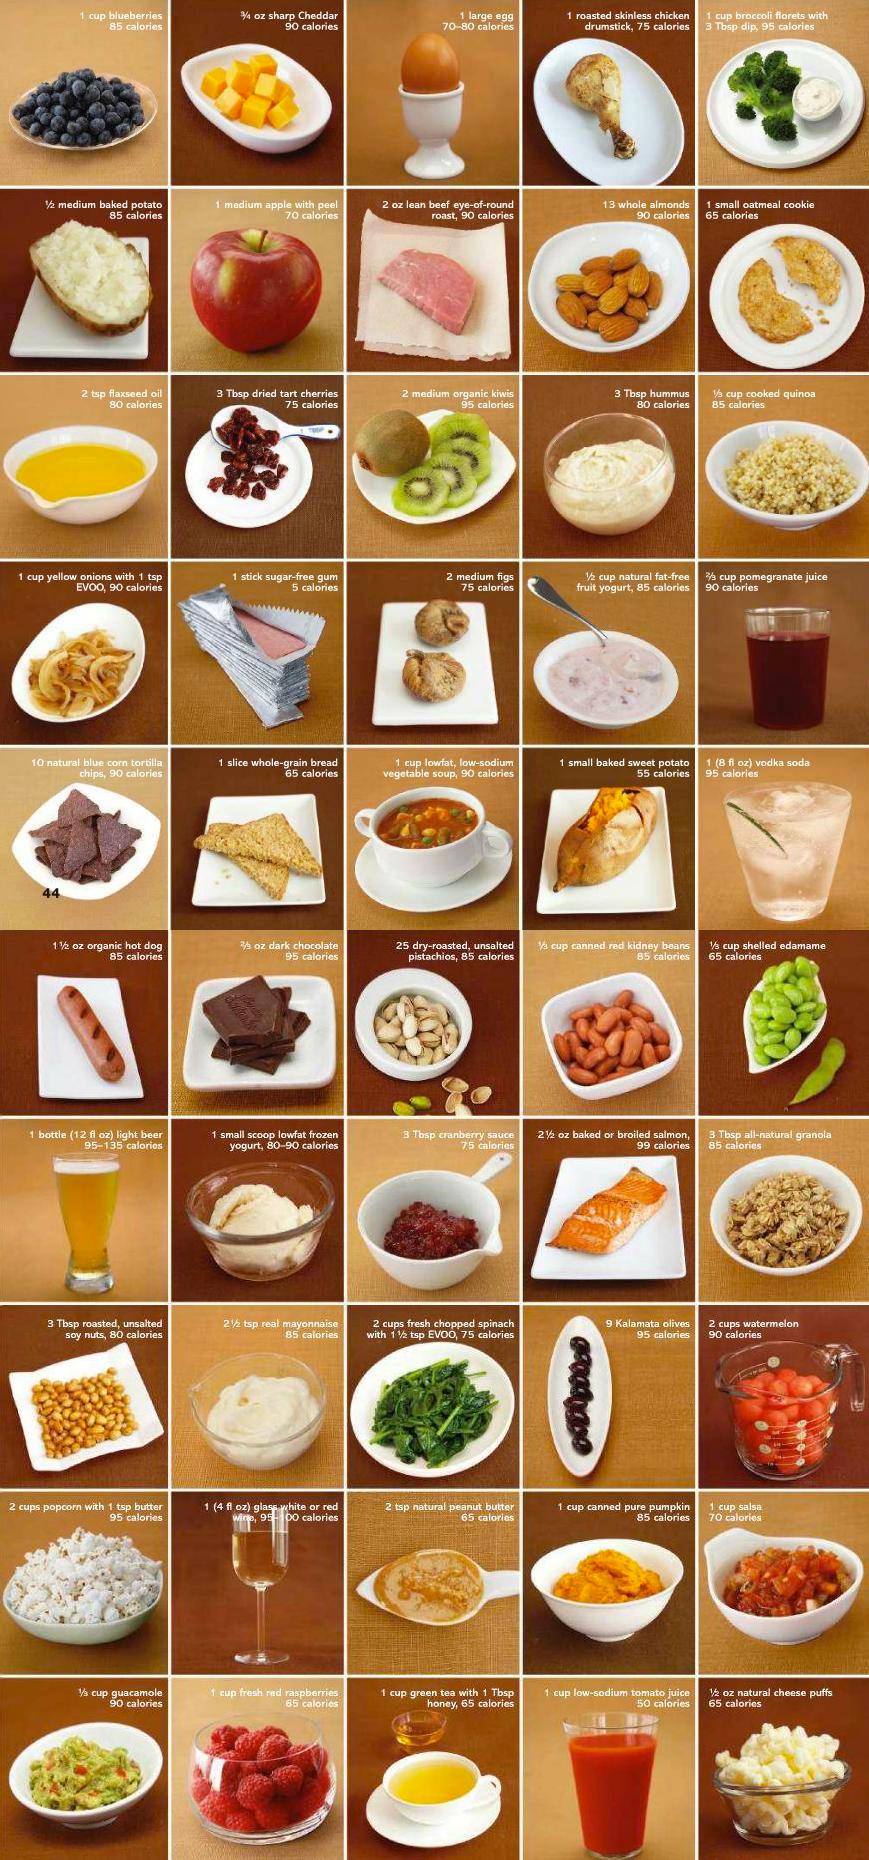 Nourriture 100 calories